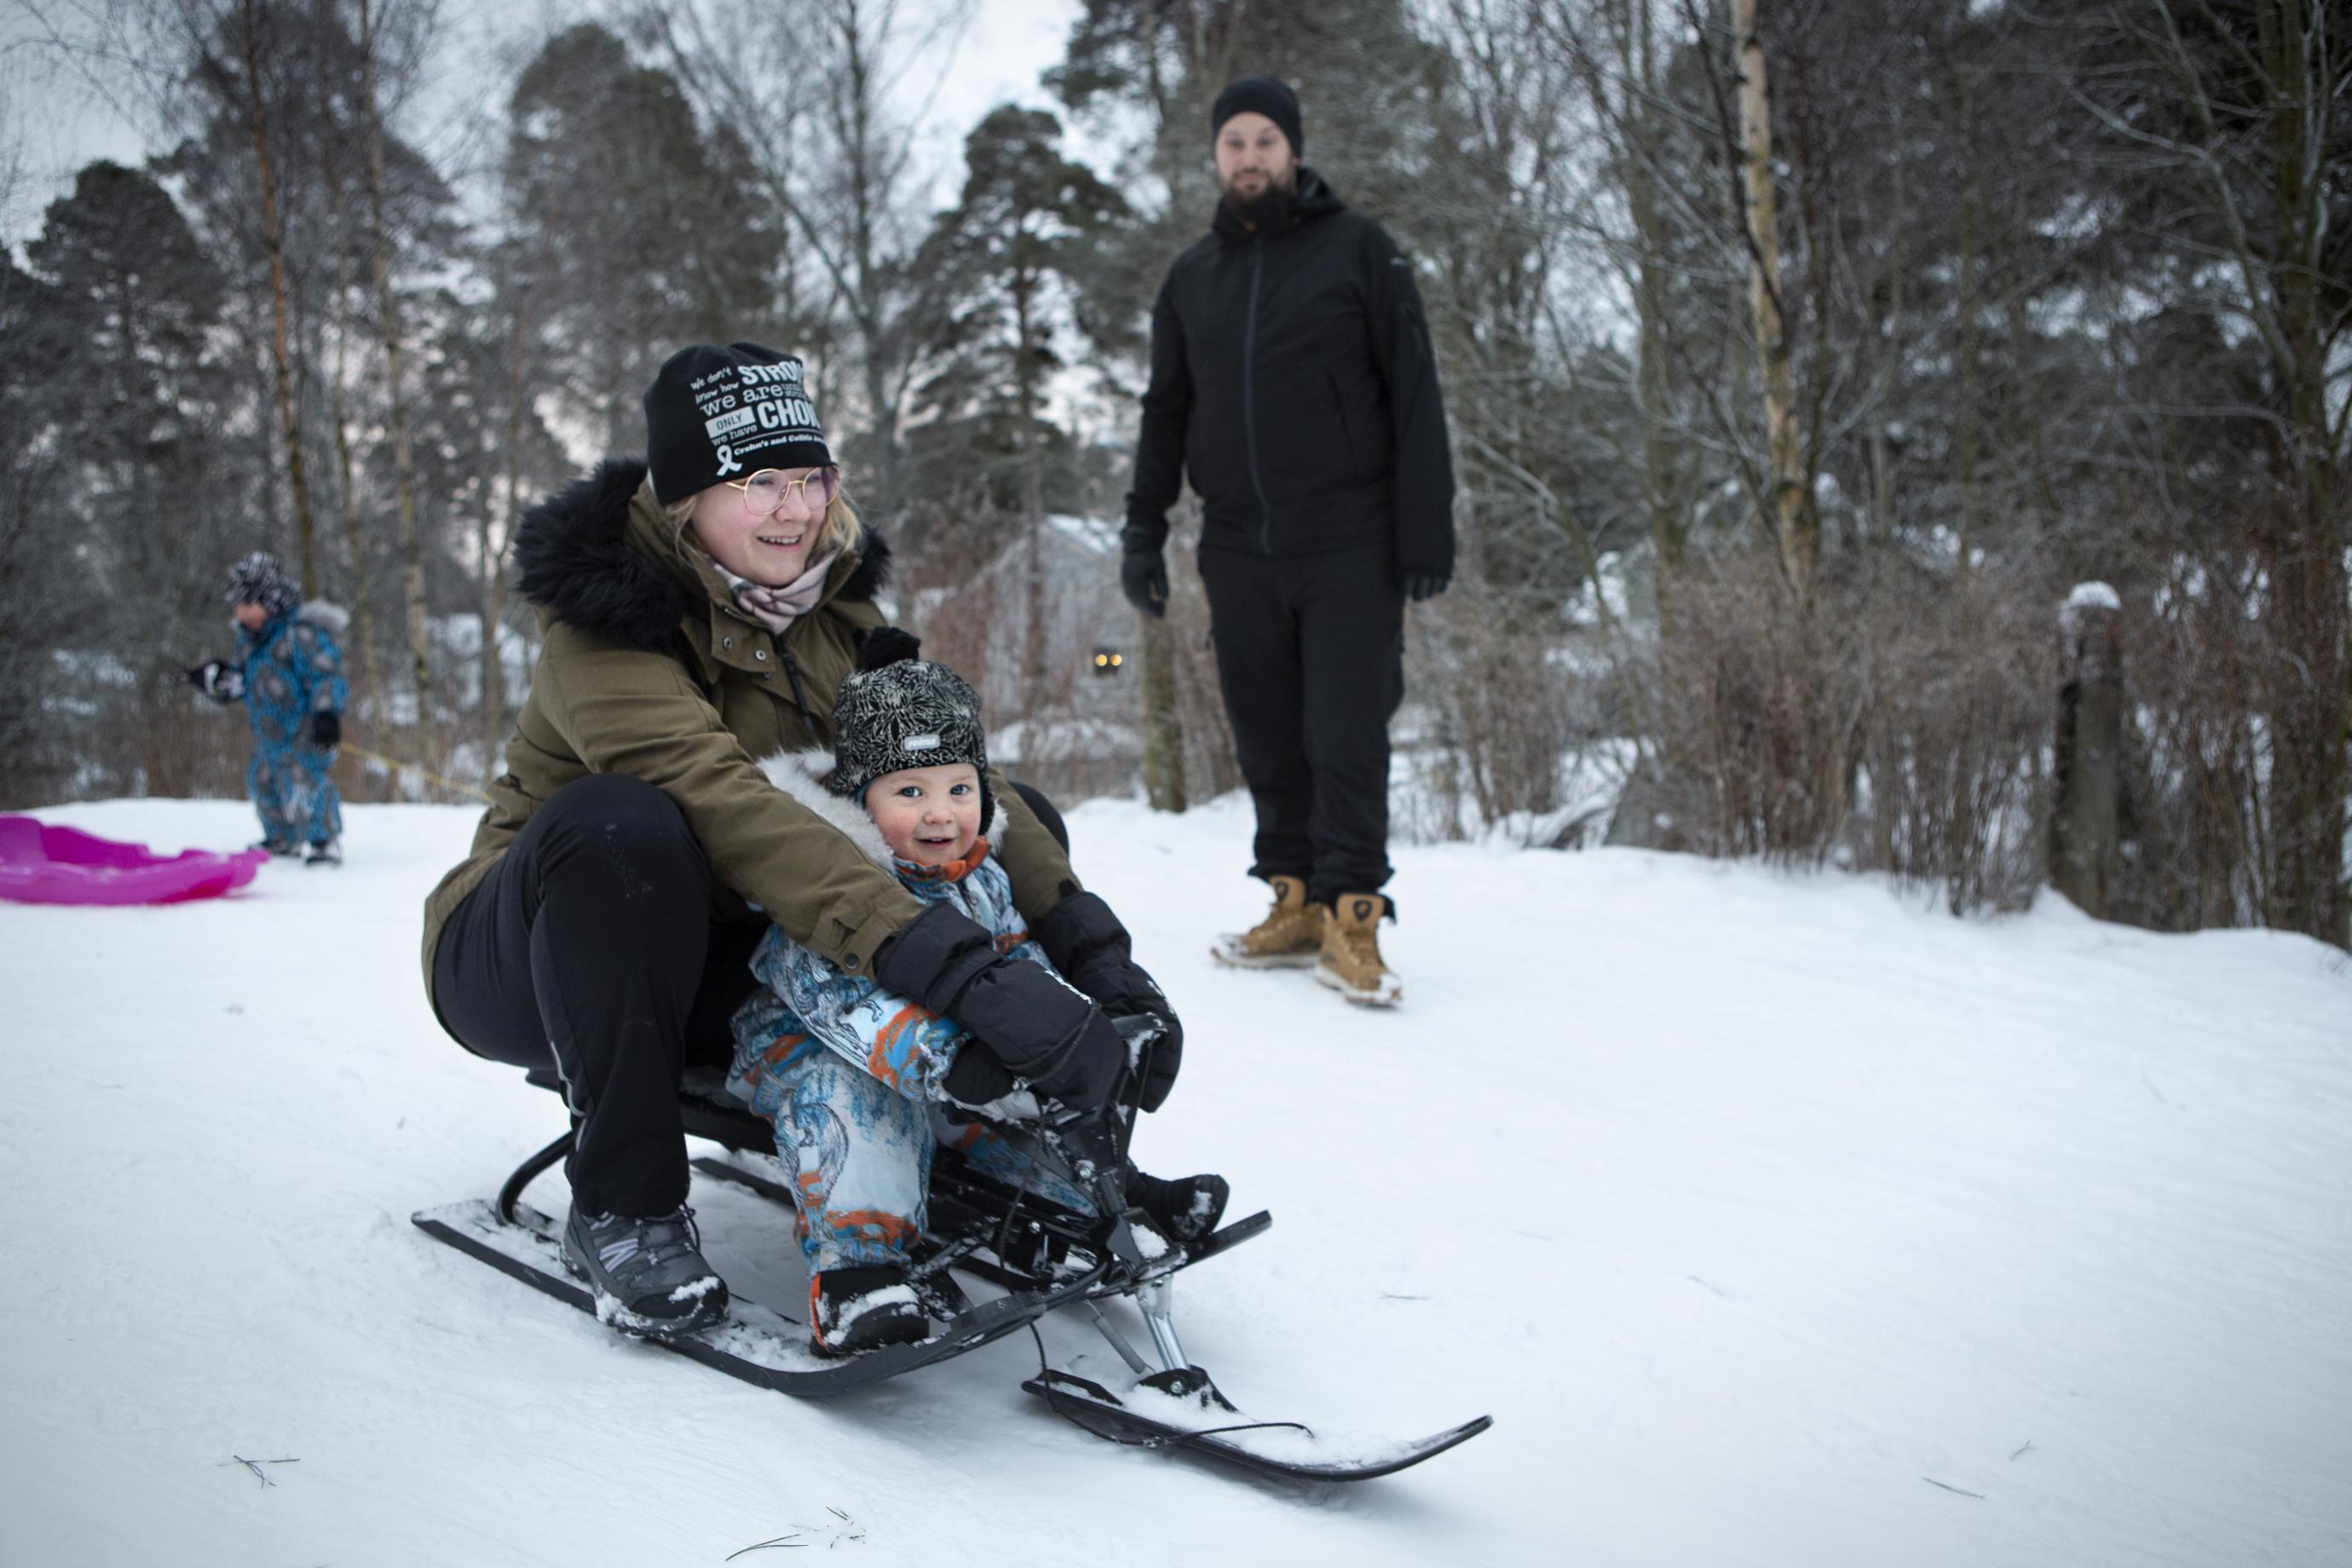 Lumi toi toivottua iloa lapsiperheen arkeen. Isä Iiro Vilkas seuraa, kuinka äiti Vera kelkkailee Oulan kanssa.  Takana Eliel siirtää pulkkaa. Eija Salminen elpyy mielellään avannossa.  Katri Niinimäki toivoo tuttua kesätyötä. Pekka Rajala aikoo veneillä uusiin kohteisiin. Esa Paajasella on ollut aikaa itselle ja perheelle.